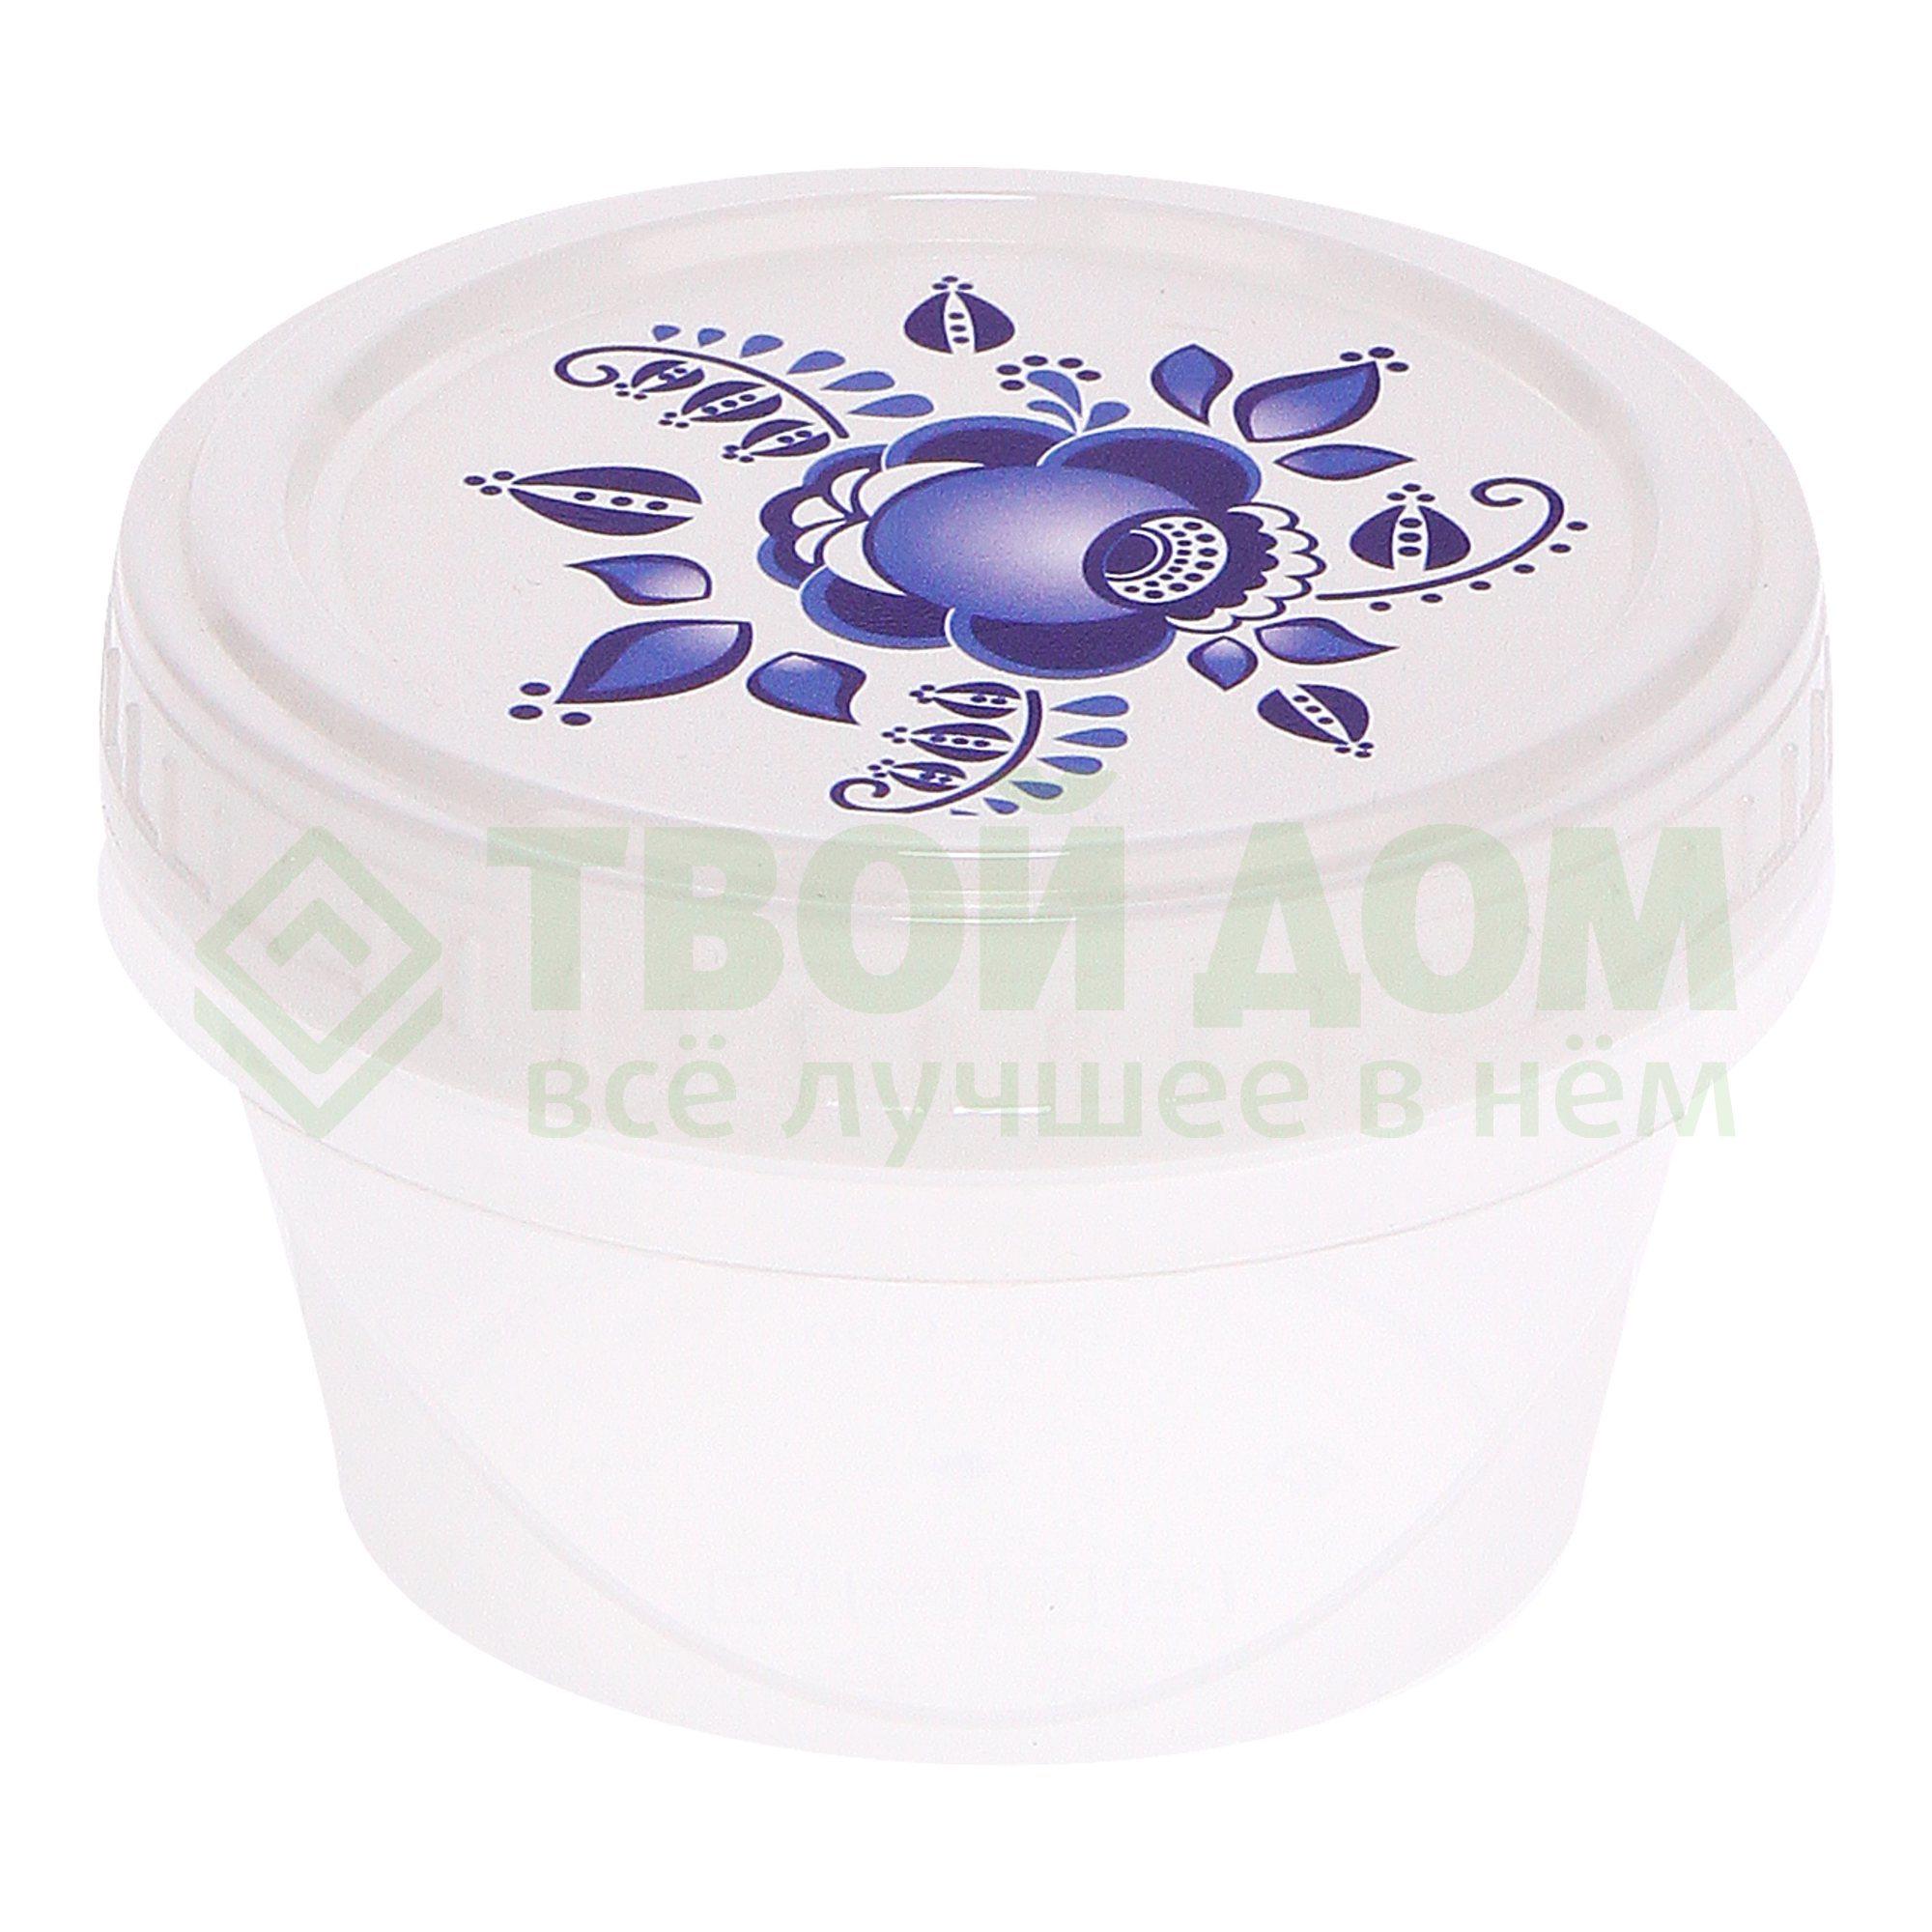 Купить Банка Phibo танго 0.3л (4311803), Россия, белый, оранжевый, пластик